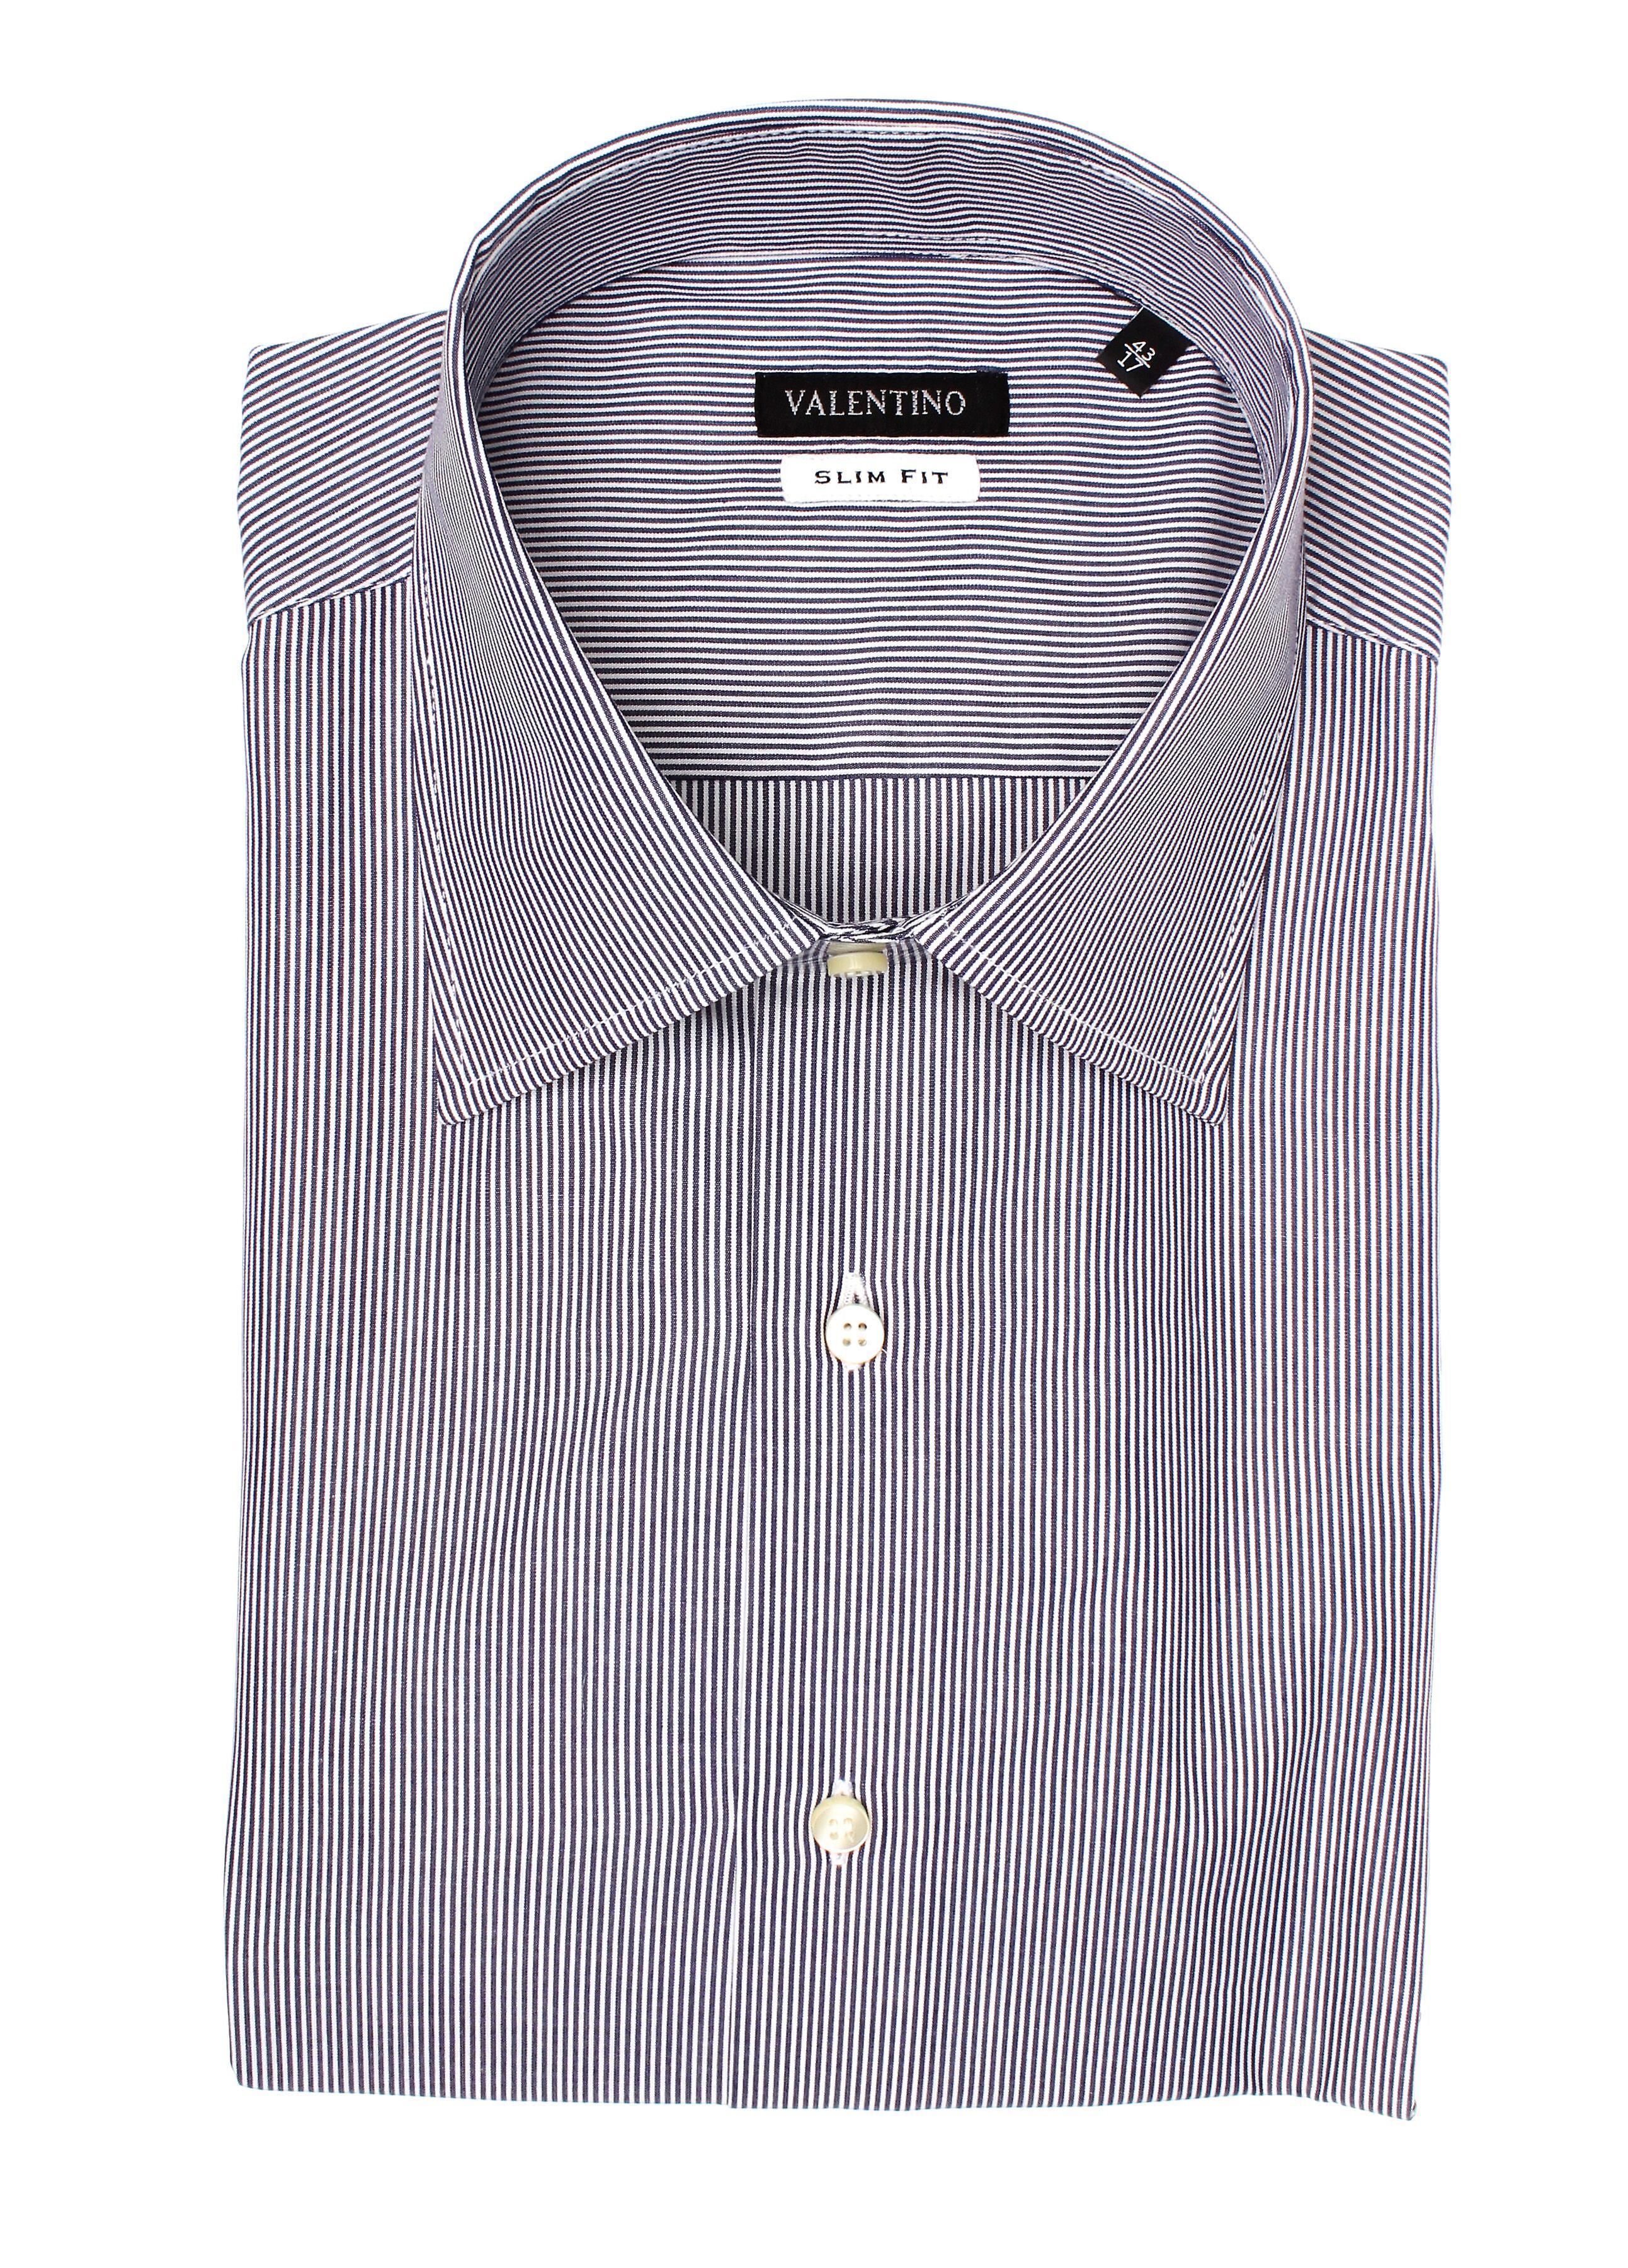 Valentino Men's Slim Fit Cotton Dress Shirt Pinstripe-Black-White